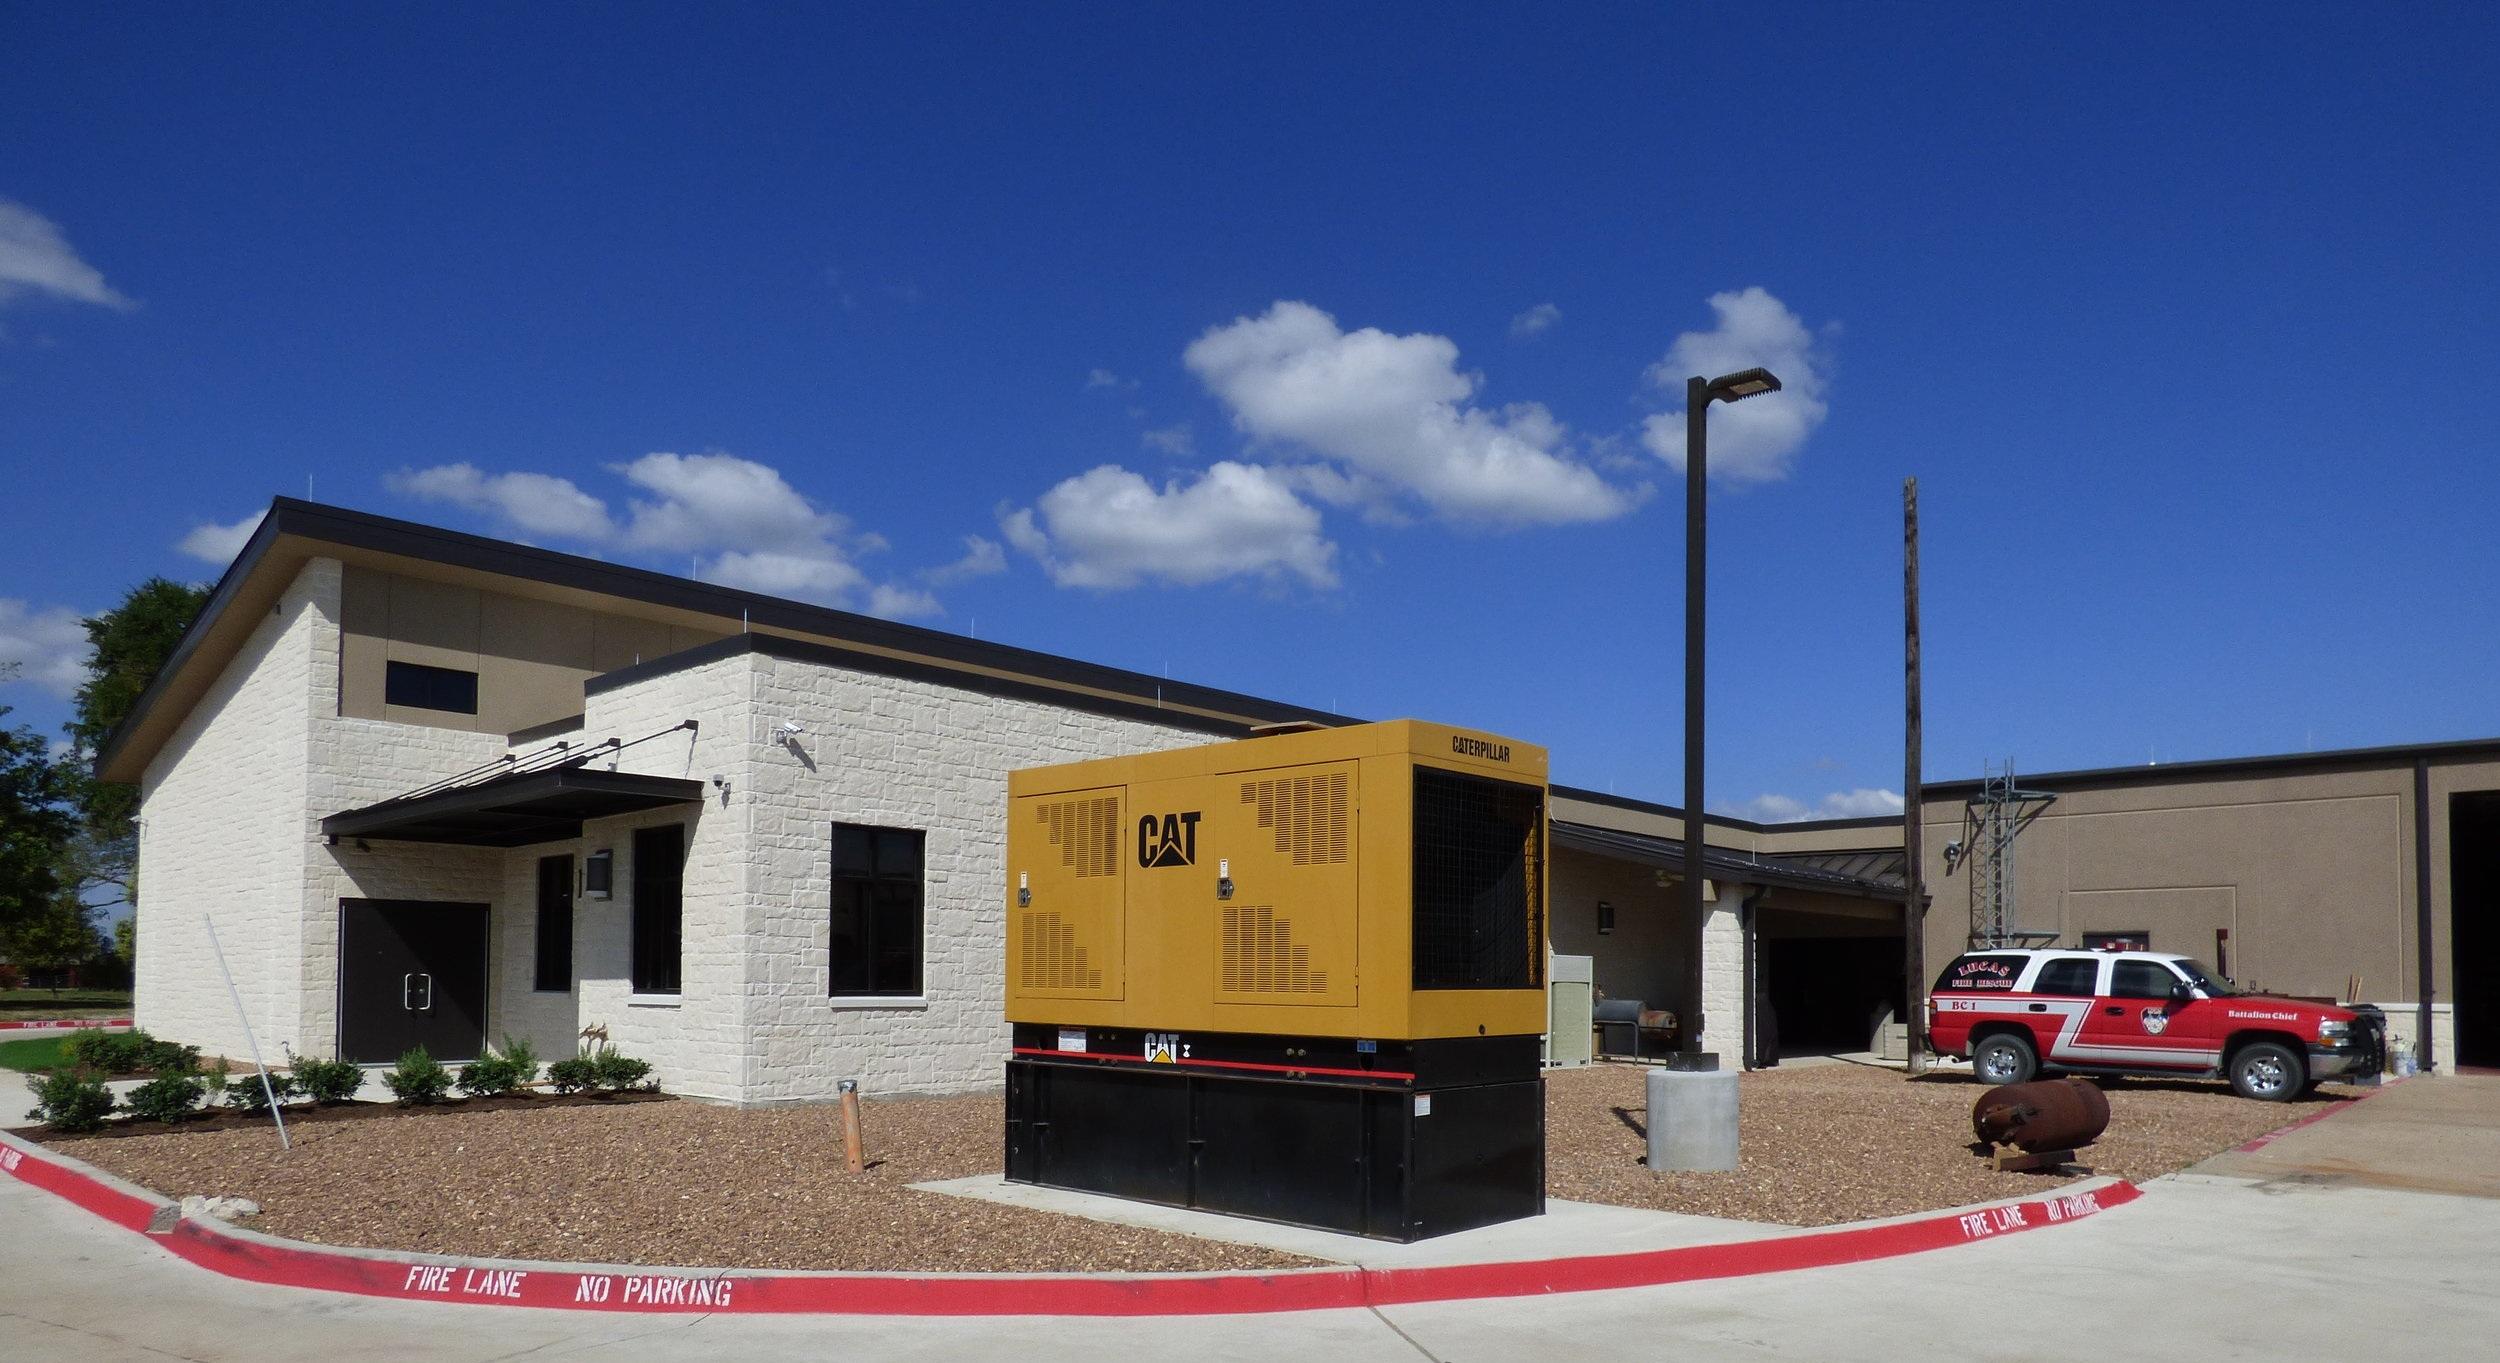 Lucas Fire Station